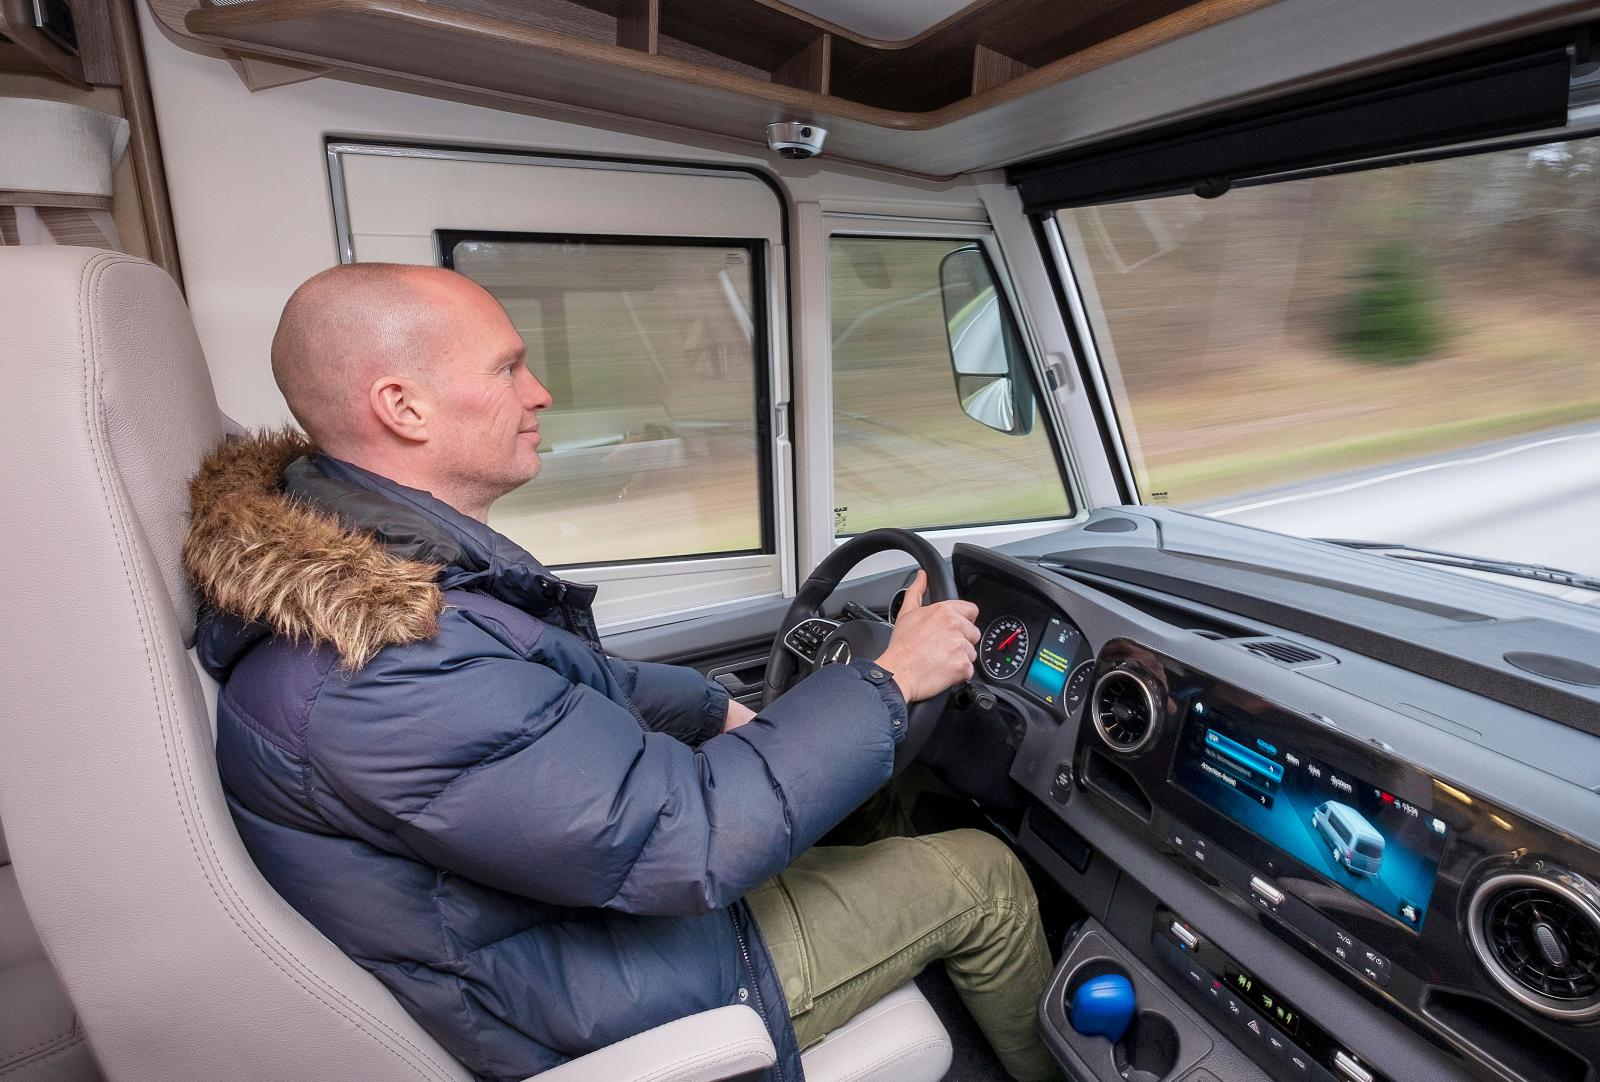 Förarmiljö som i en personbil fast med bättre utsikt. Köregenskaperna påminner också om de hos en personbil.